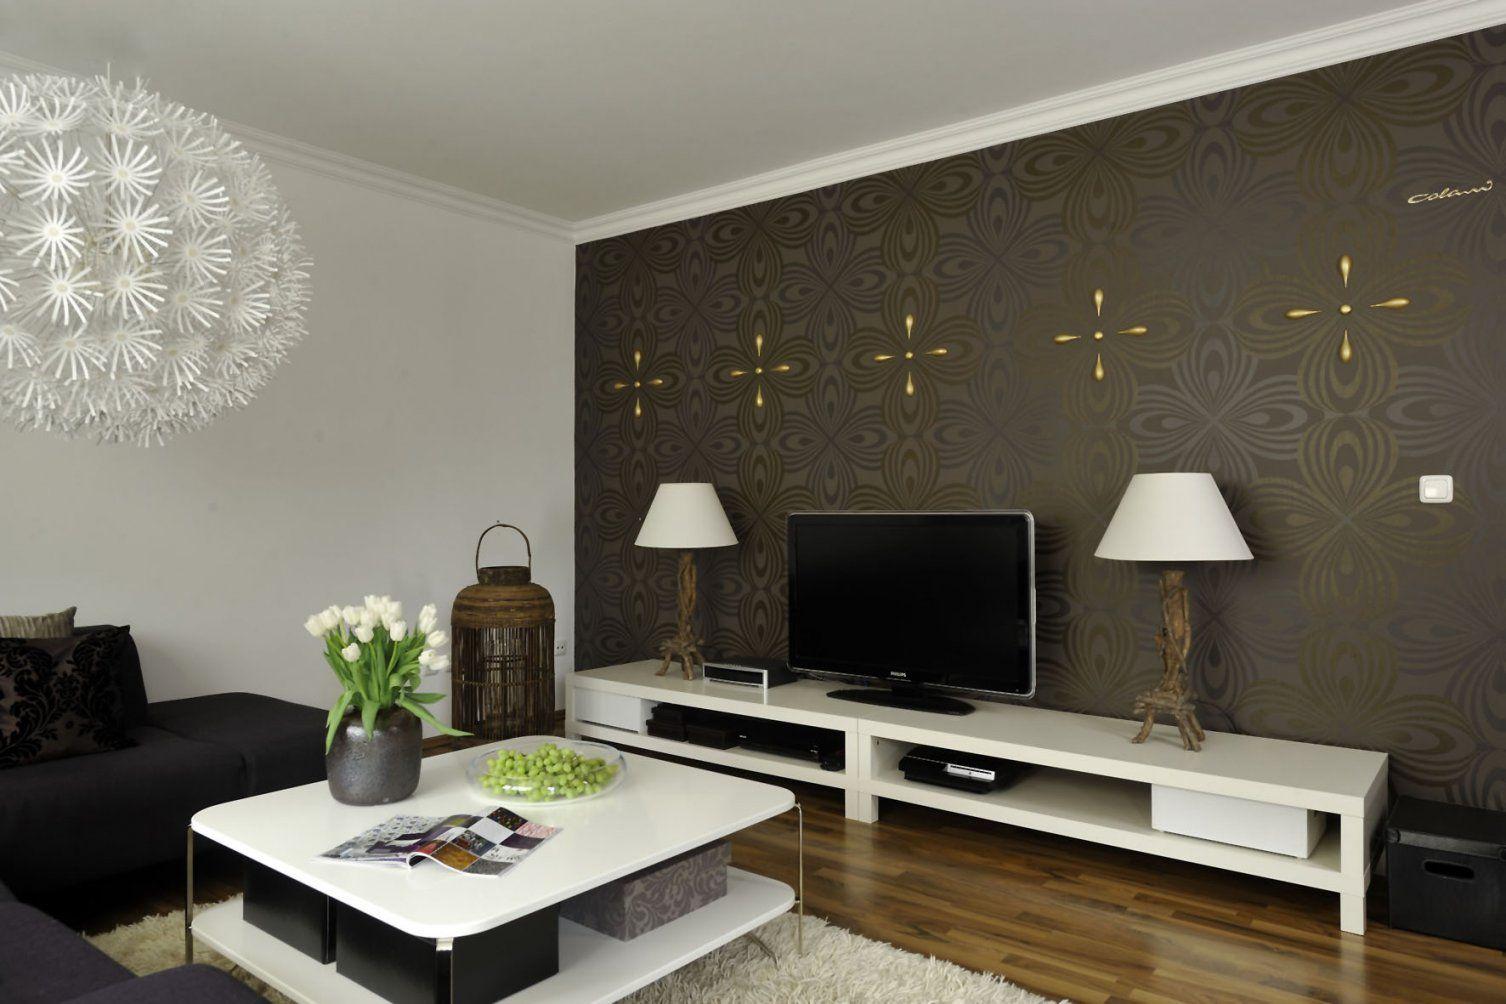 Stylist Design Wohnzimmer Tapete  Home Design Ideas von Tapeten Wohnzimmer Ideen 2014 Bild